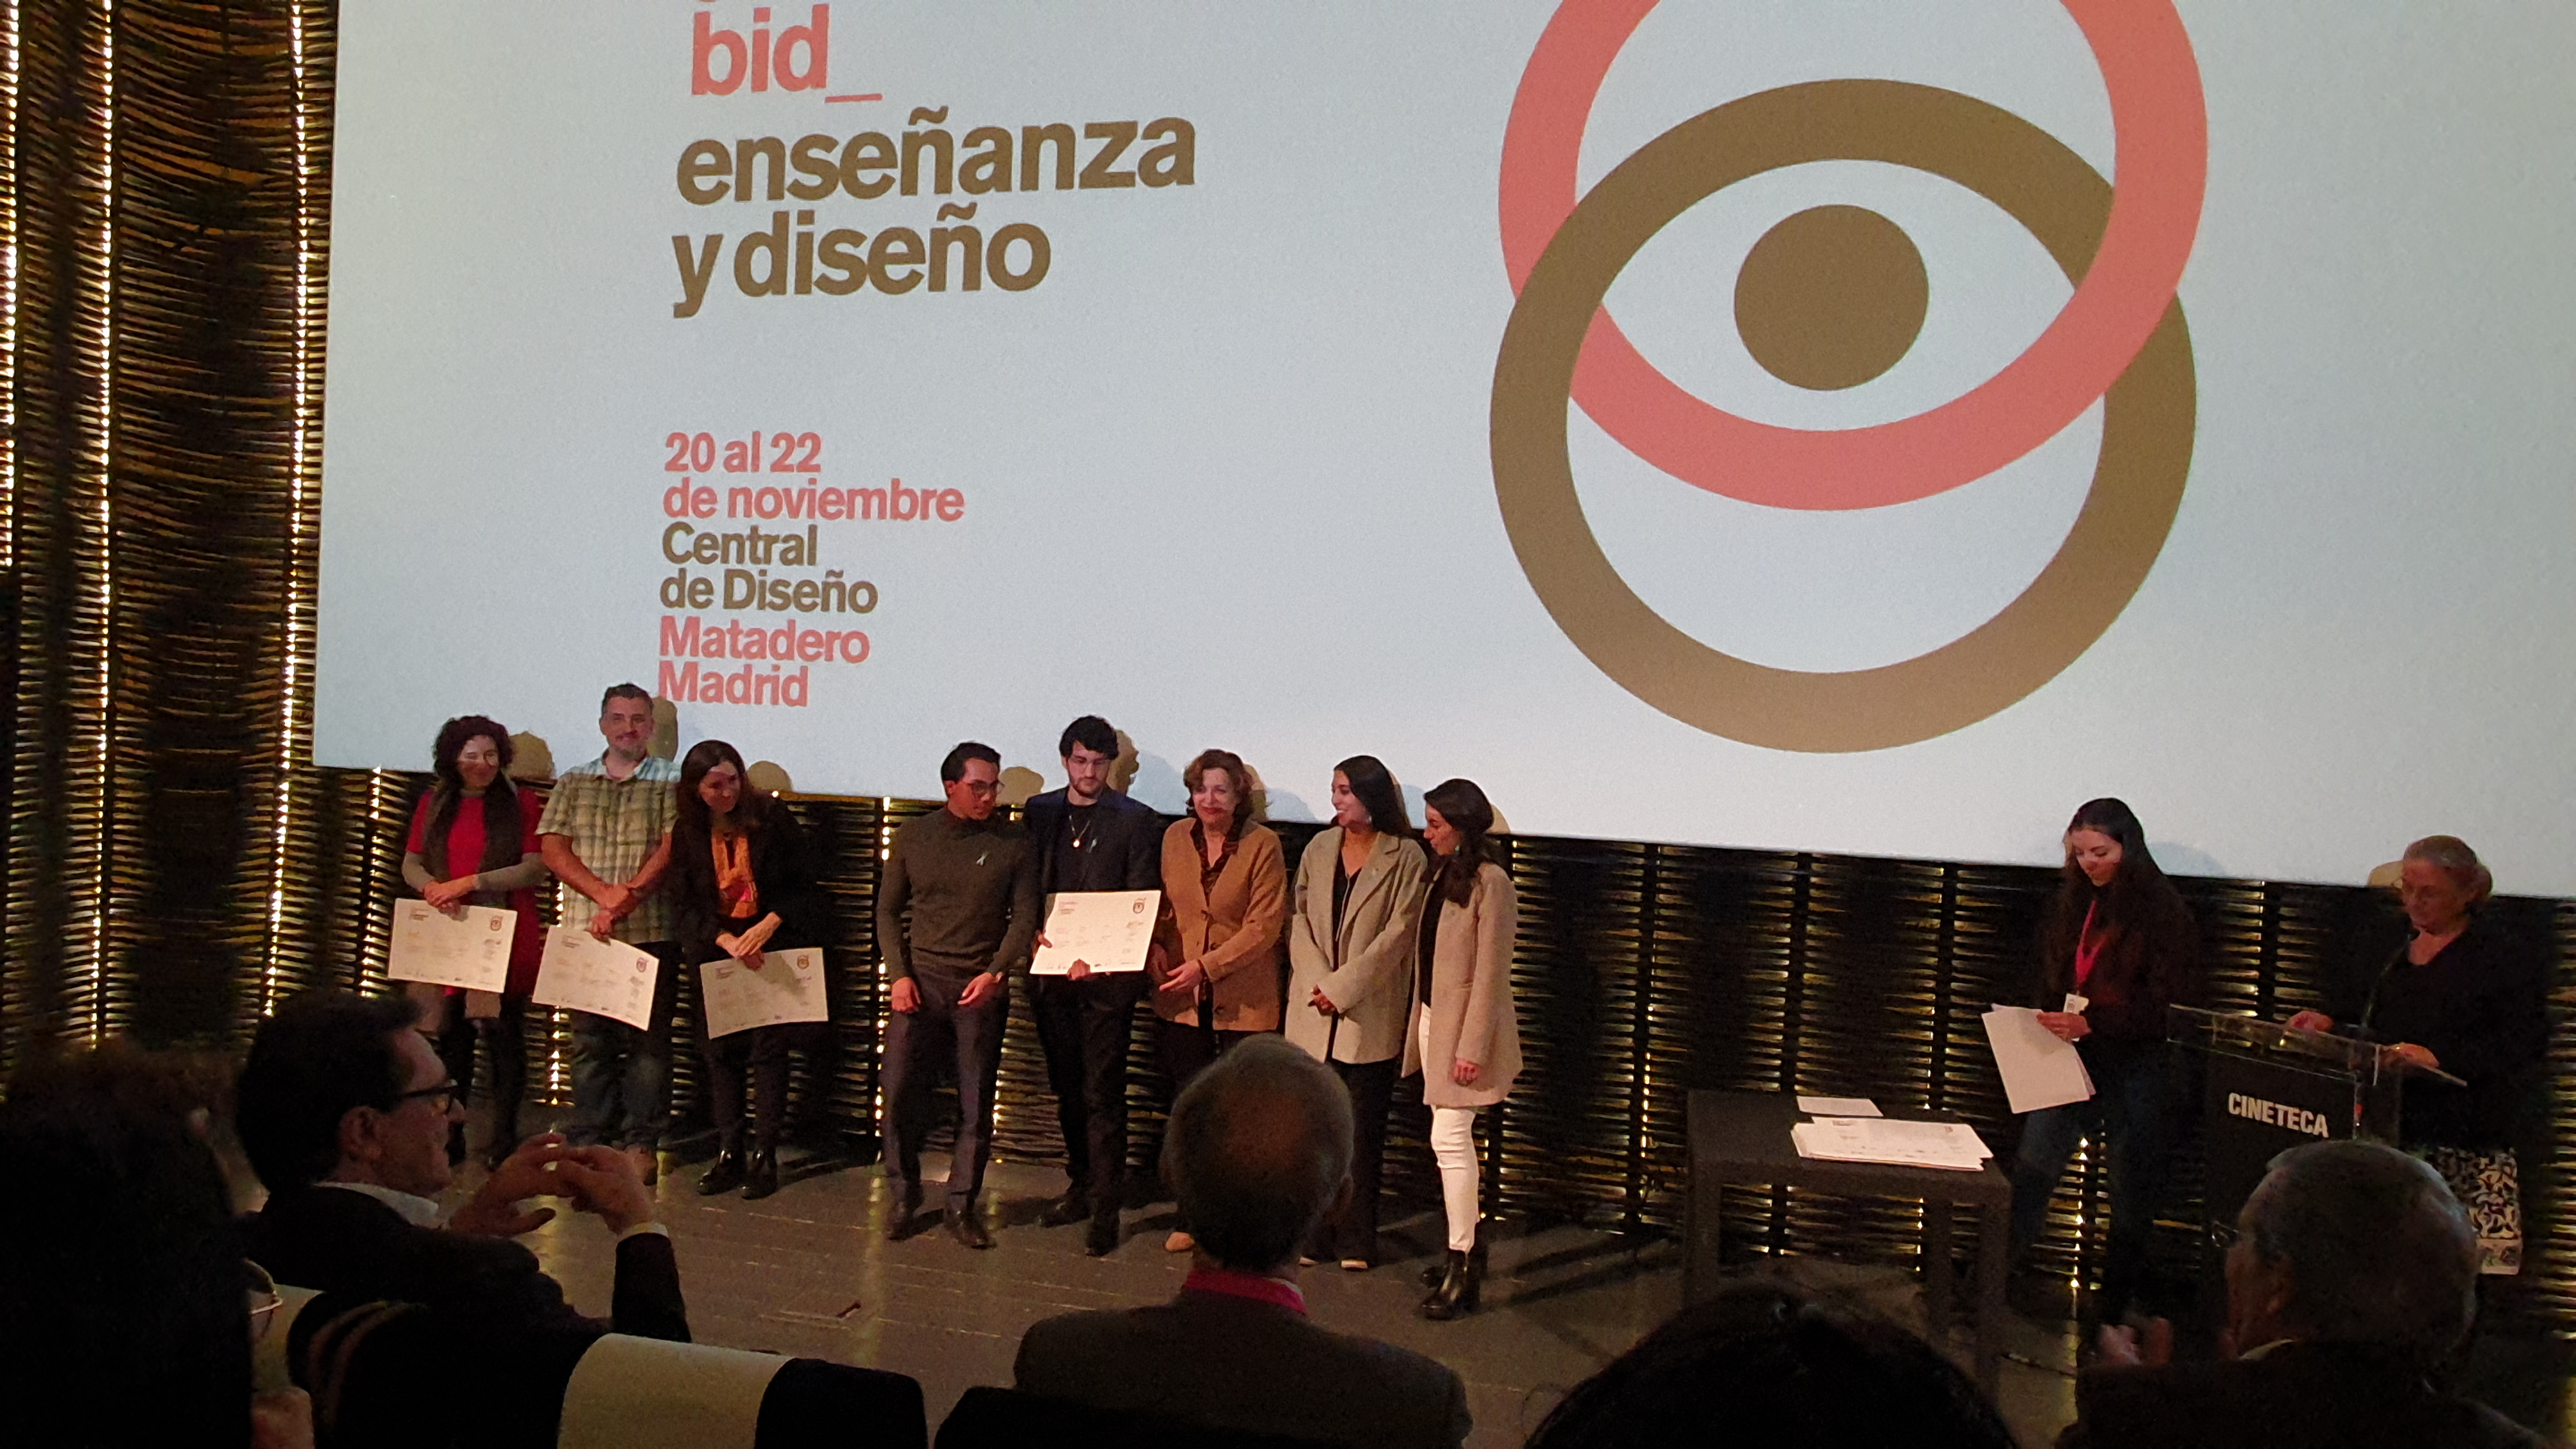 Alumnos del Tec de Monterrey cruzan el Atlántico para triunfar en Bienal Iberoamericana de Diseño